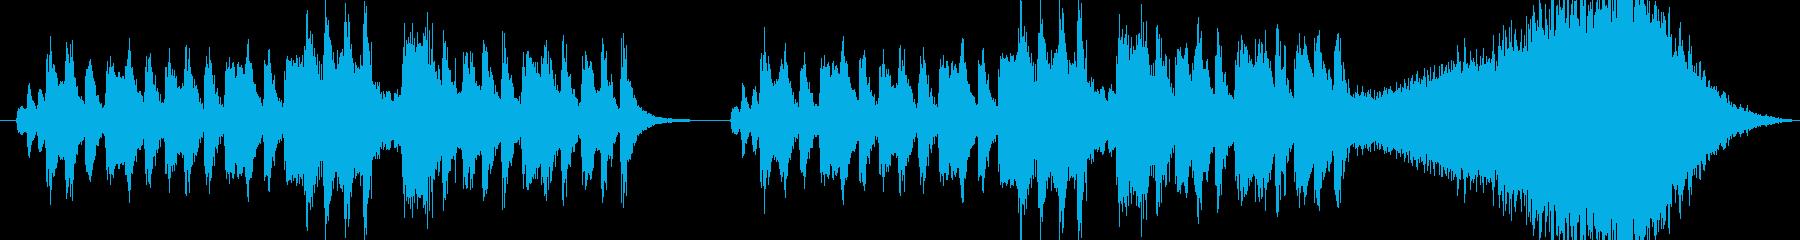 ブラックコメディ感のあるオーケストラの再生済みの波形